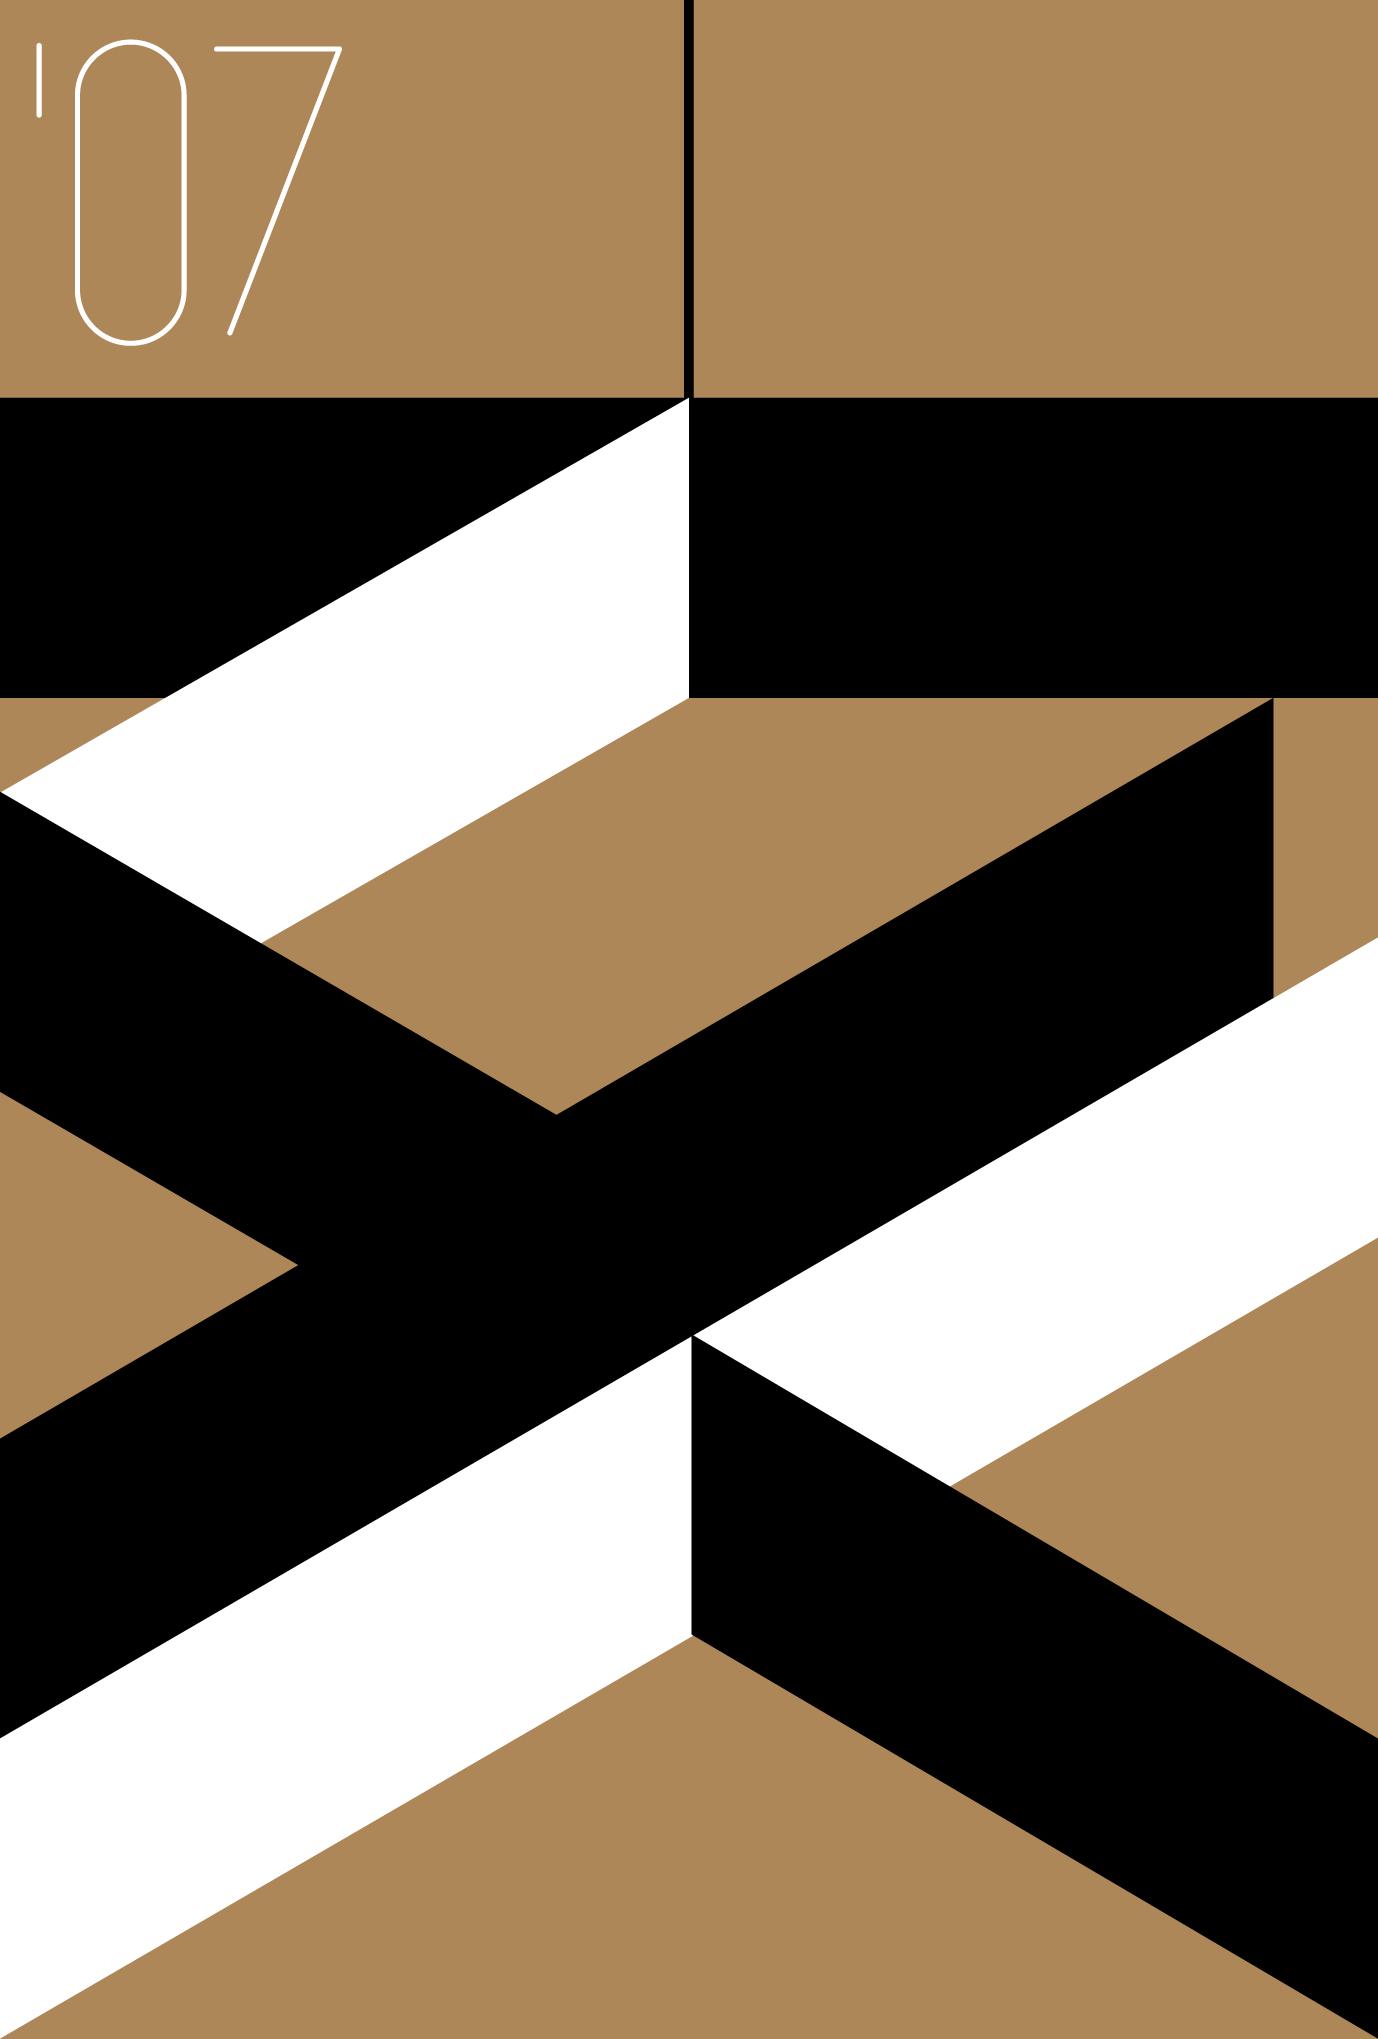 2007年賀状16:亥の図案 2007 / 茶のダウンロード画像